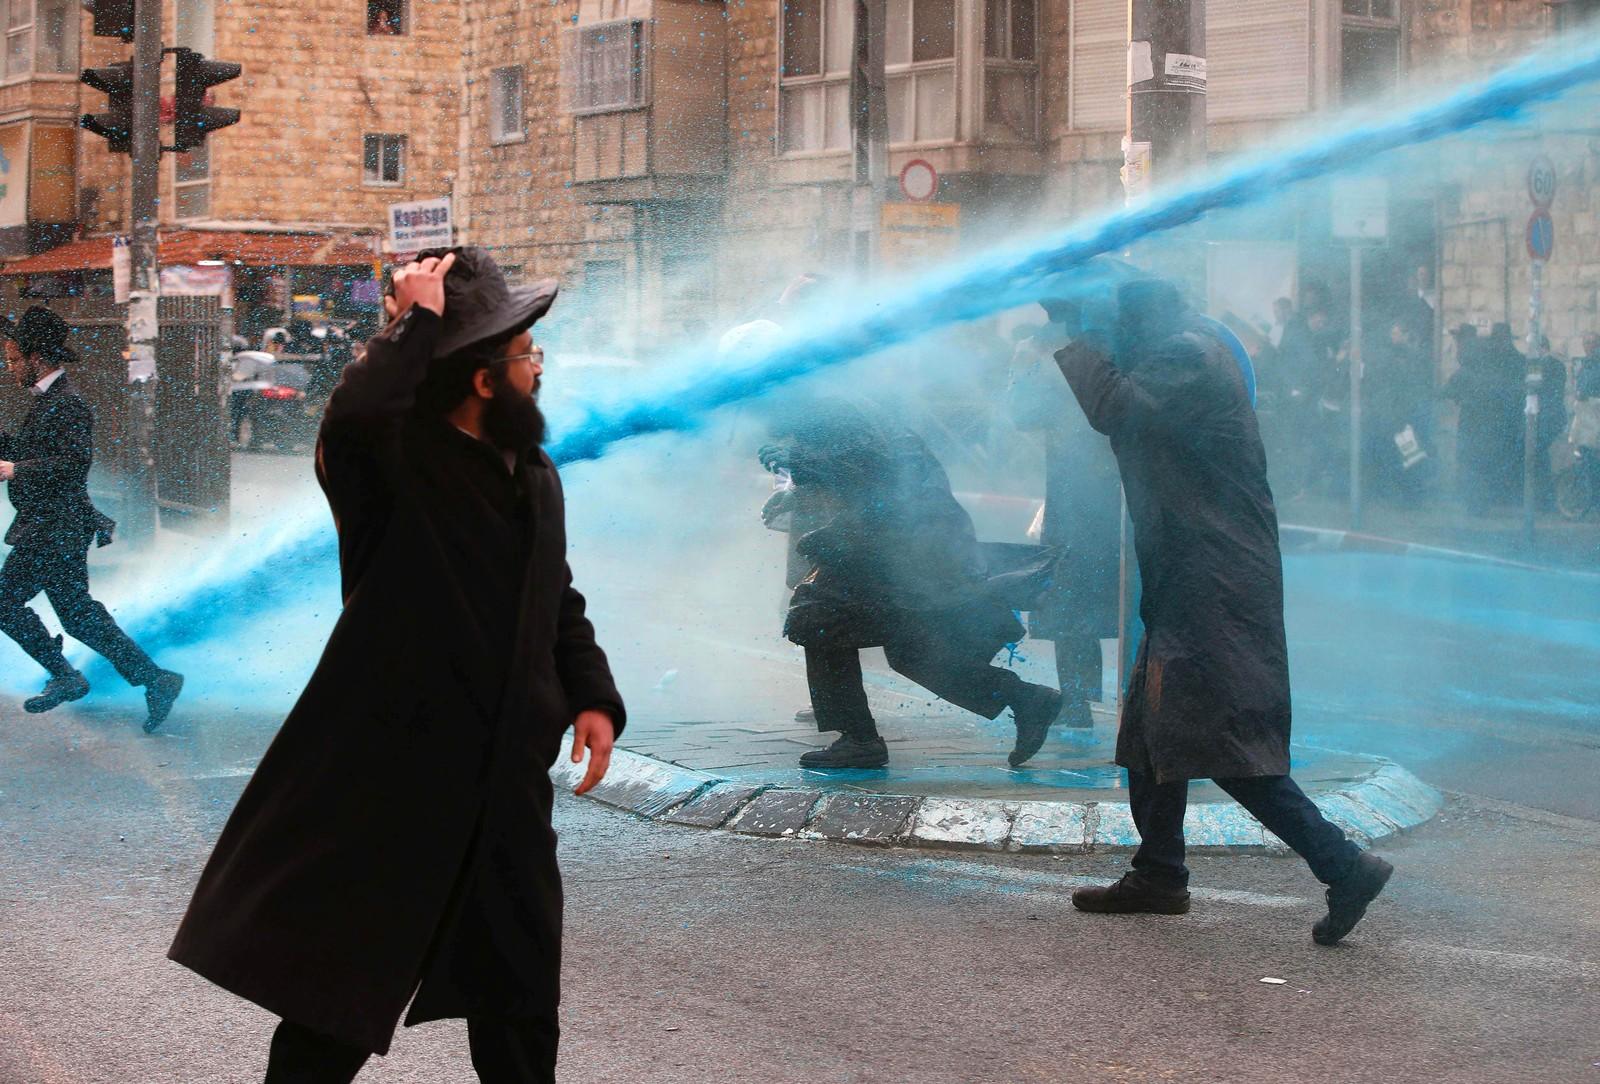 Ultraortodokse jøder får gjennomgå under en demonstrasjon mot at også de har verneplikt i den israelske hæren.